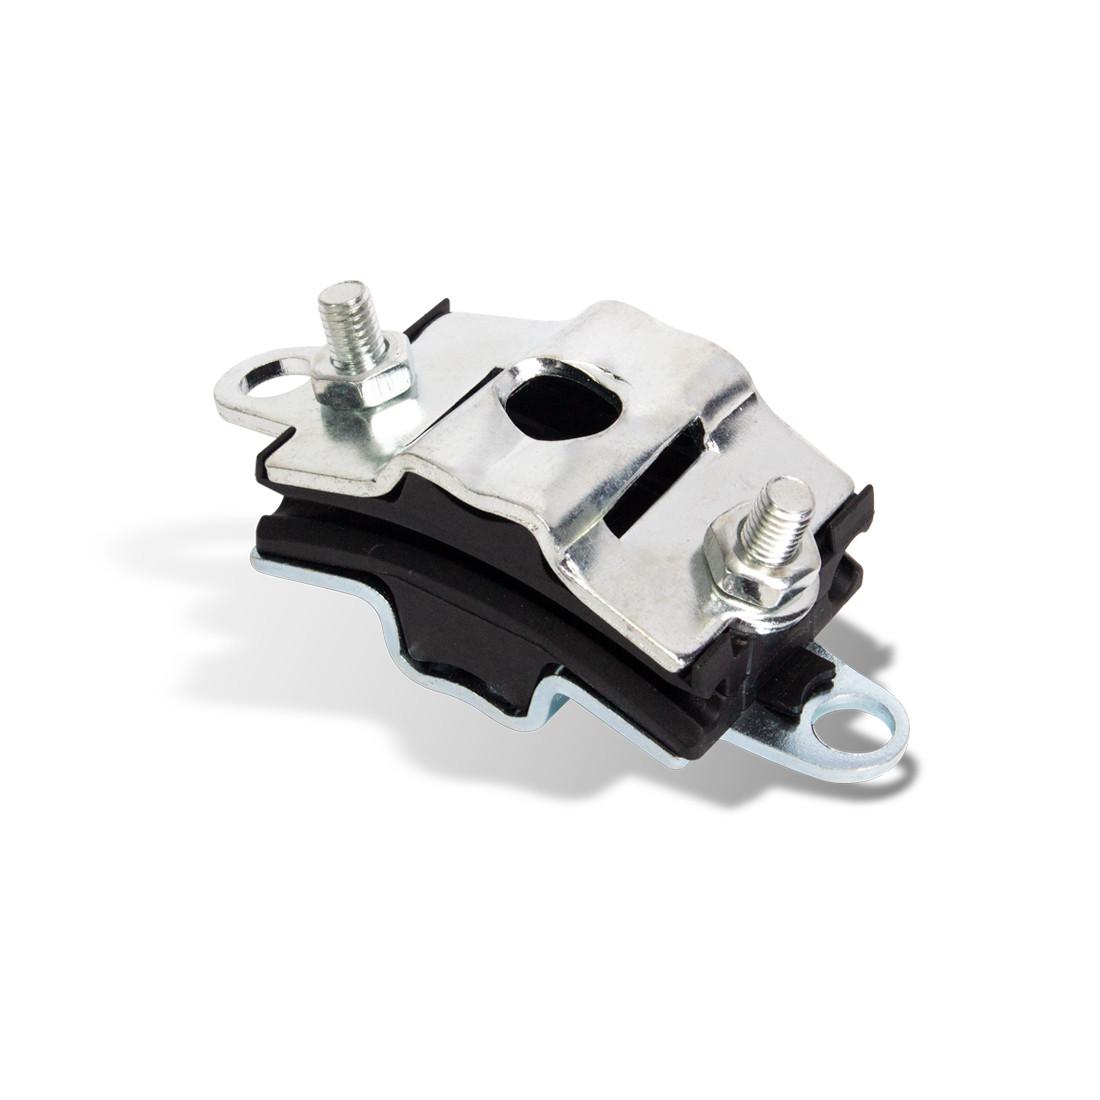 Промежуточный зажим поддерживающий для закрепления волоконно-оптического кабеля А-Оптик АО-SC